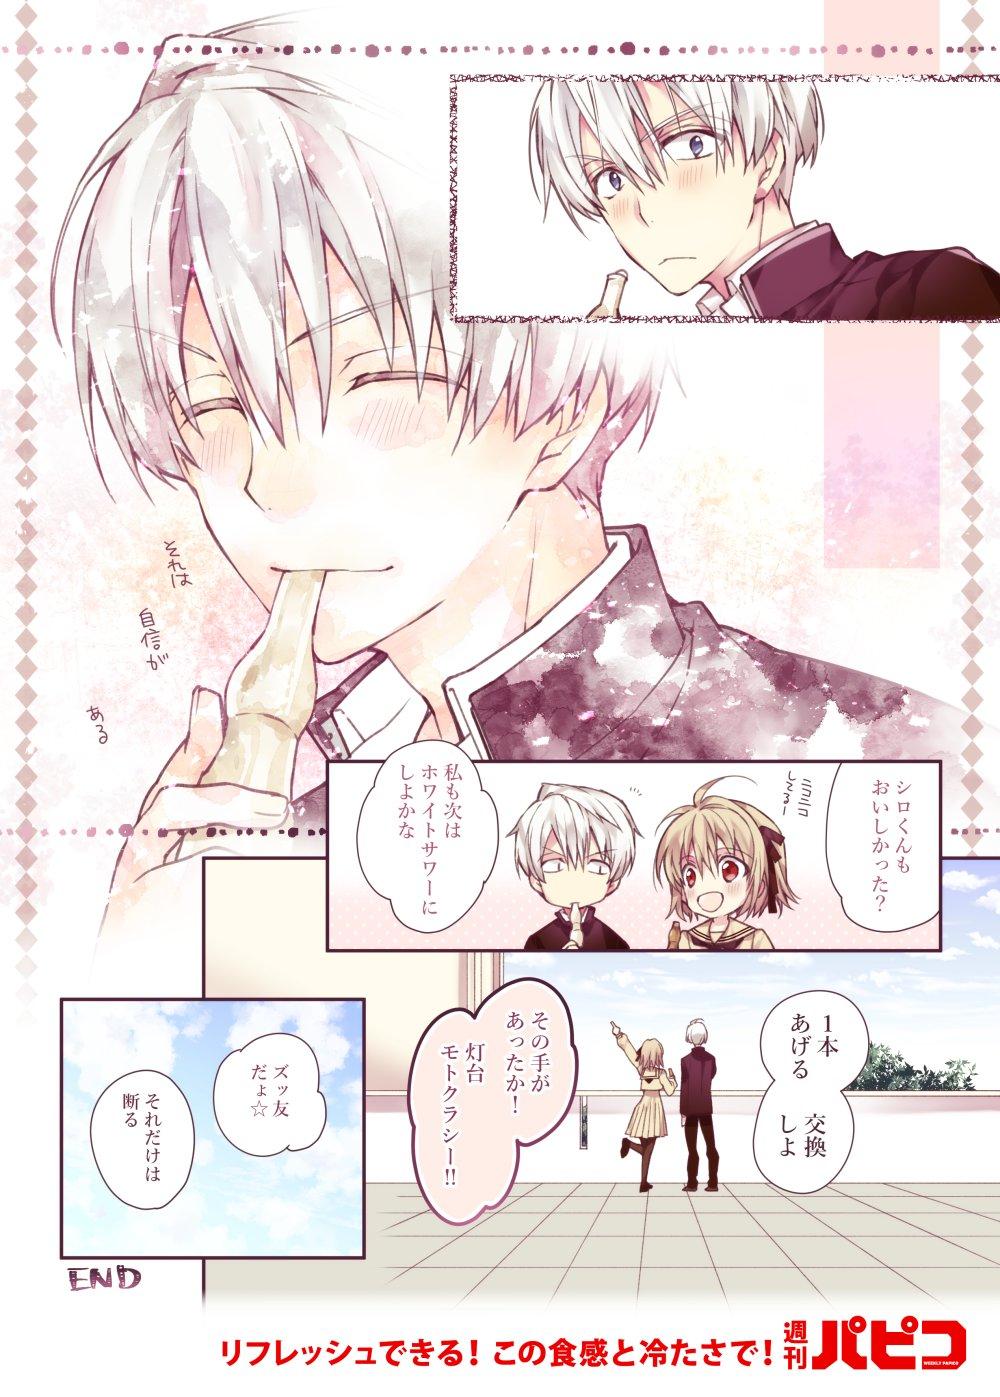 種村有菜先生「週刊パピコ」で幼馴染のすれ違いラブ描く!胸キュン詰まった4P漫画